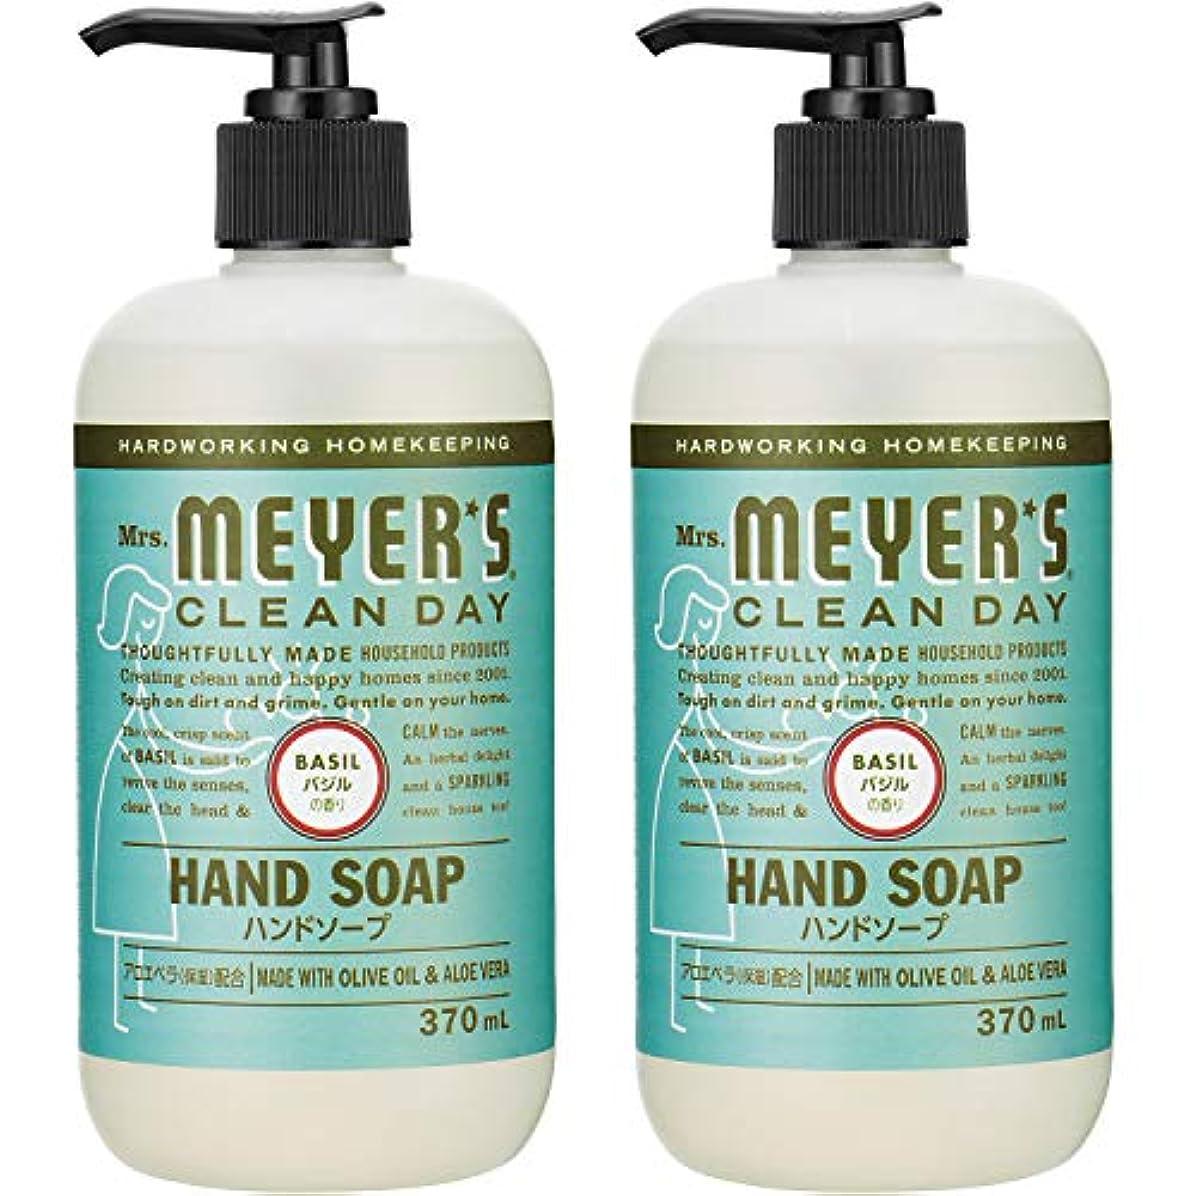 家畜パンサー免除Mrs. MEYER'S CLEAN DAY(ミセスマイヤーズ クリーンデイ) ミセスマイヤーズ クリーンデイ(Mrs.Meyers Clean Day) ハンドソープ バジルの香り 370ml×2個